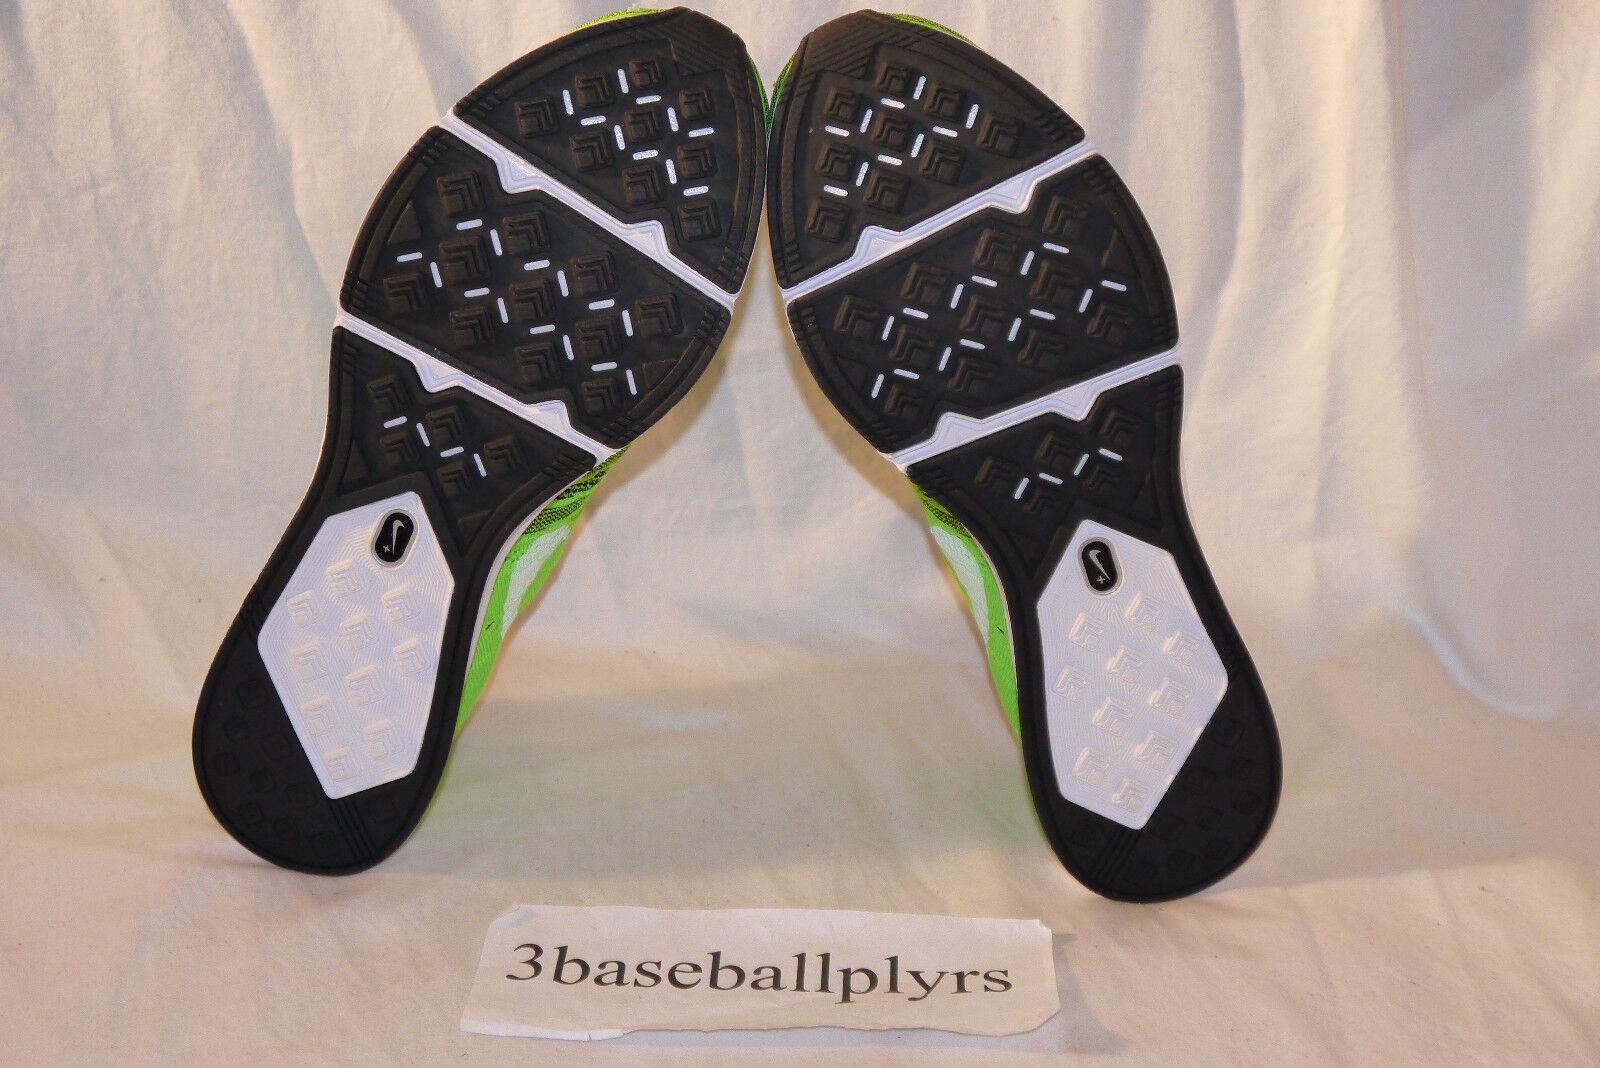 Nike flyknit trainer nuove dimensioni 6 nuove trainer scorte morte 532984-301 verde bianco nero d246f9